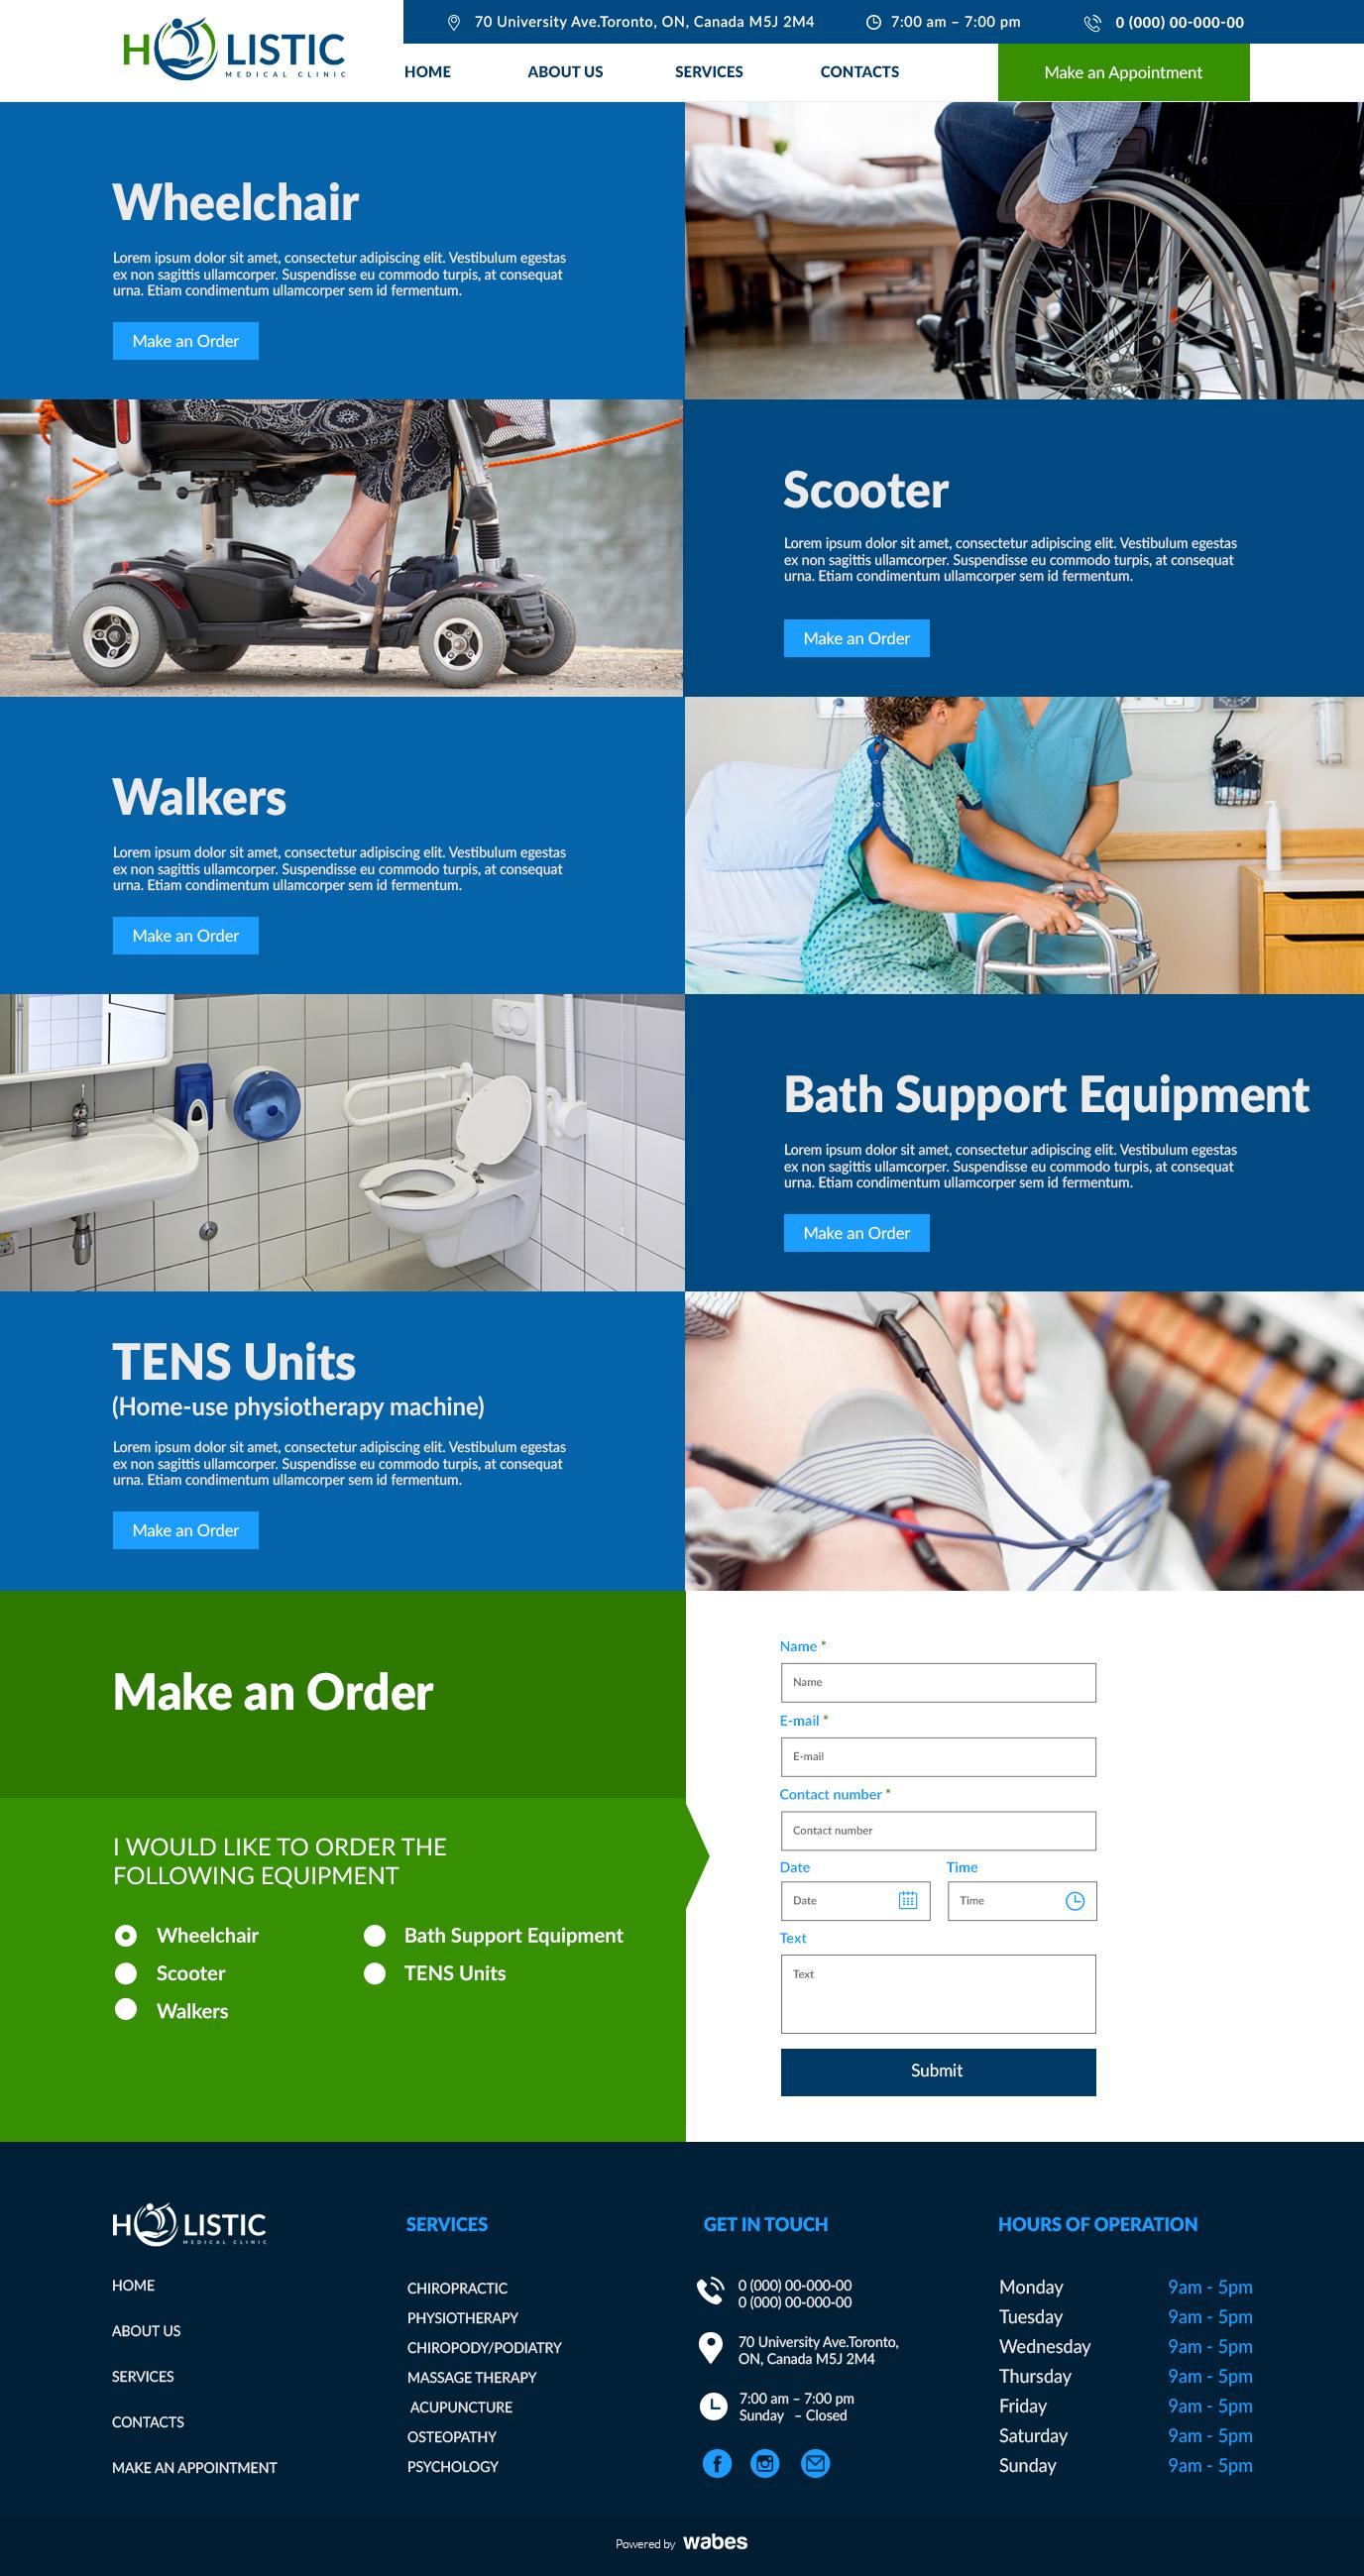 Medical Equipment - Holistic